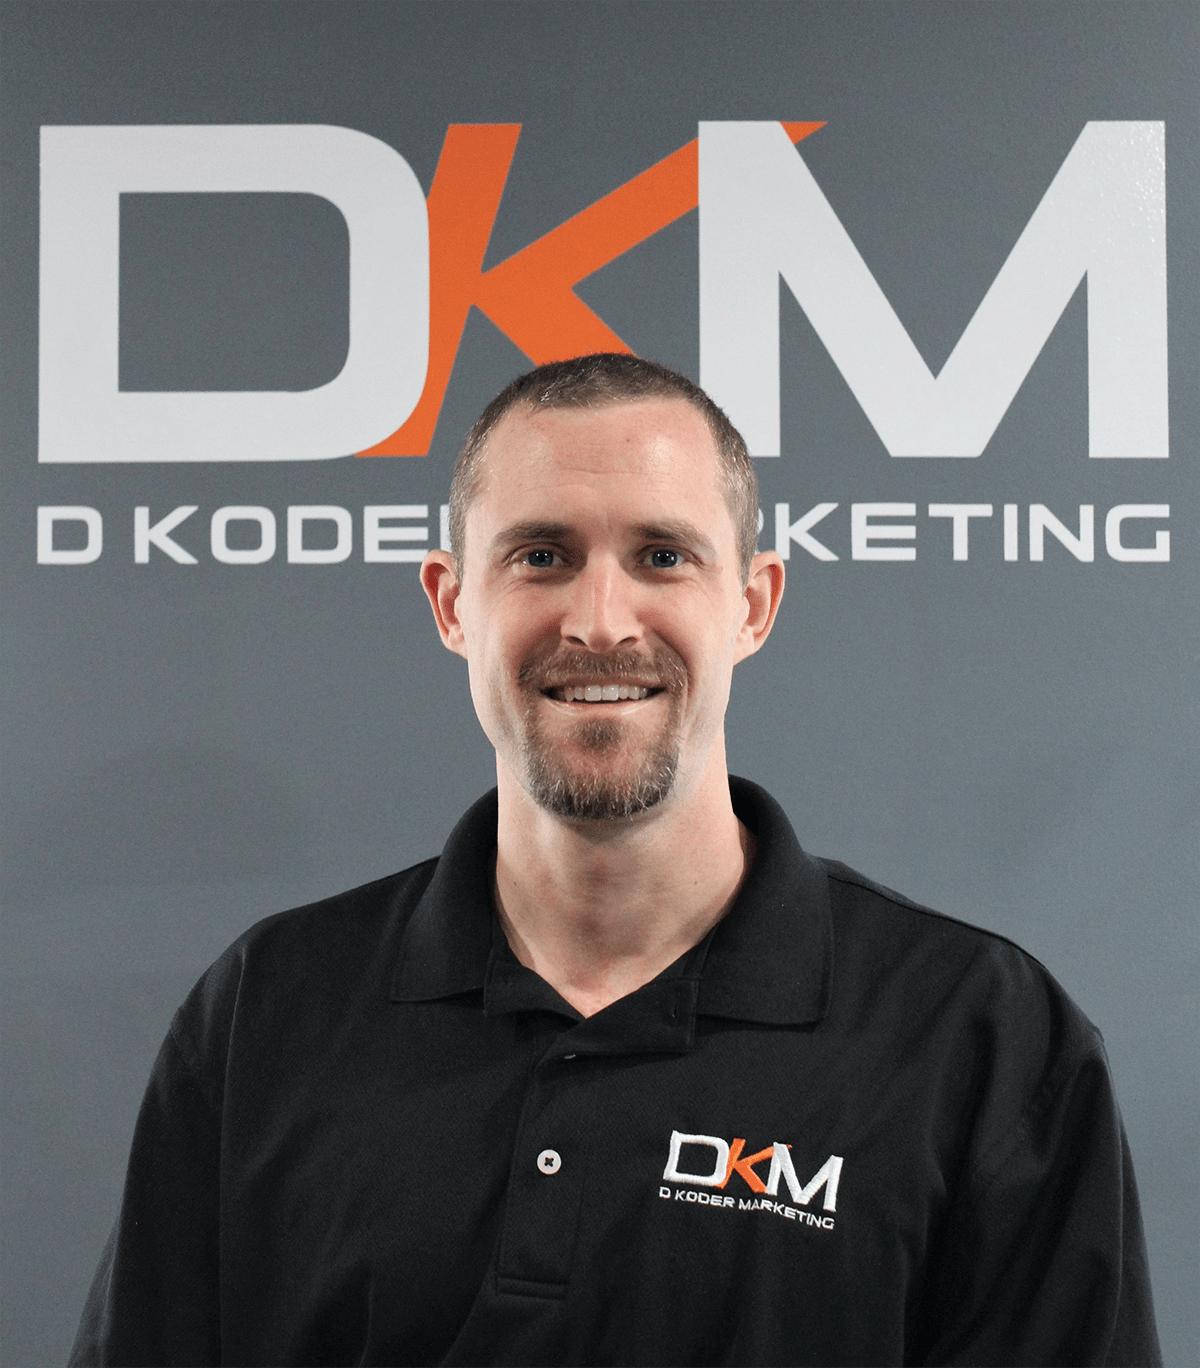 David Koder: Building relationships